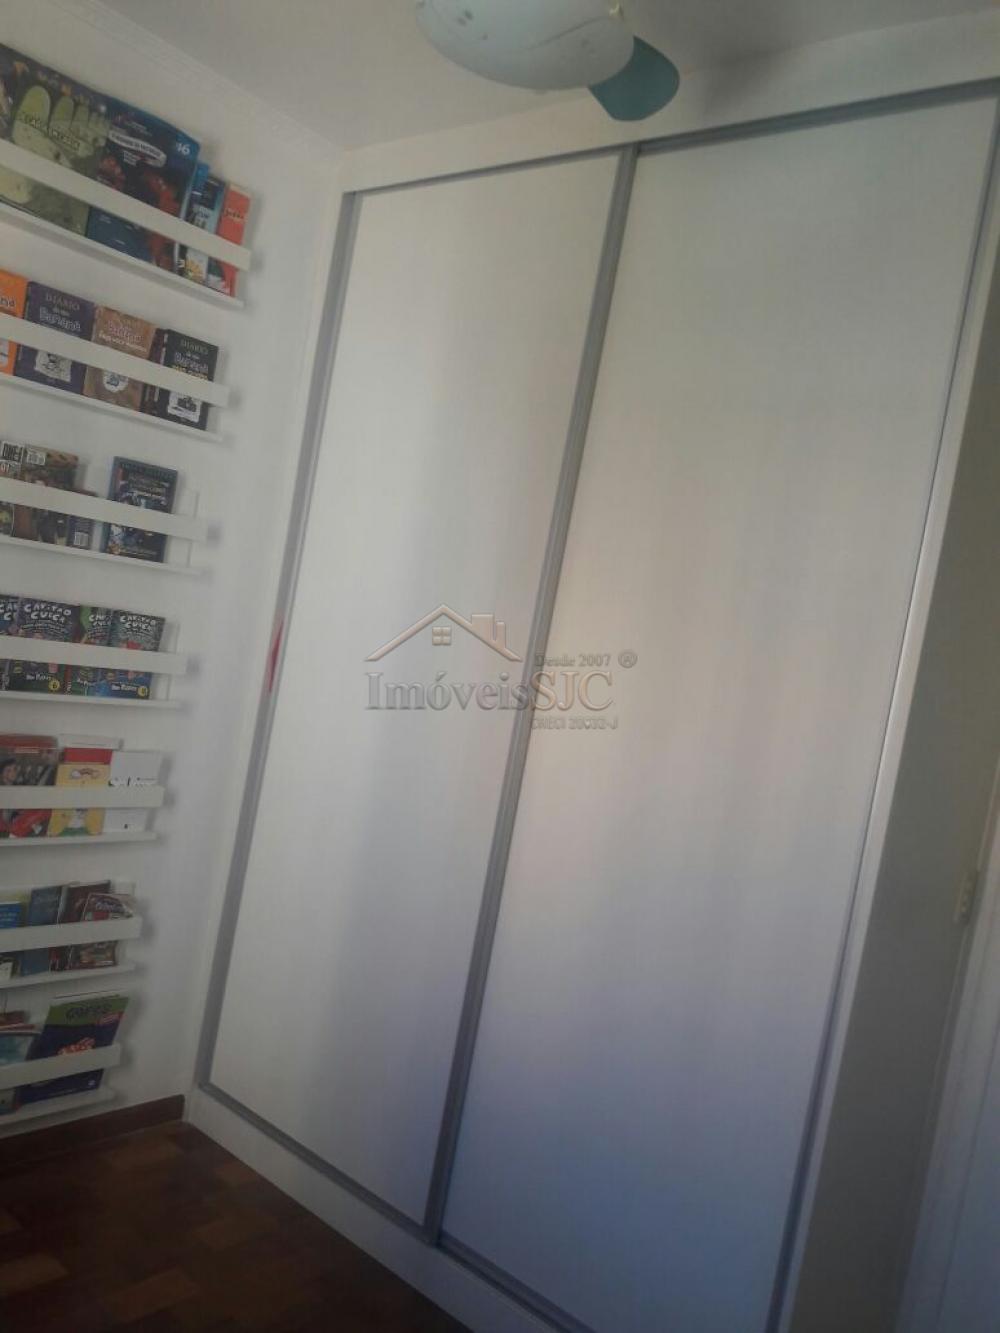 Alugar Apartamentos / Padrão em São José dos Campos R$ 2.000,00 - Foto 4